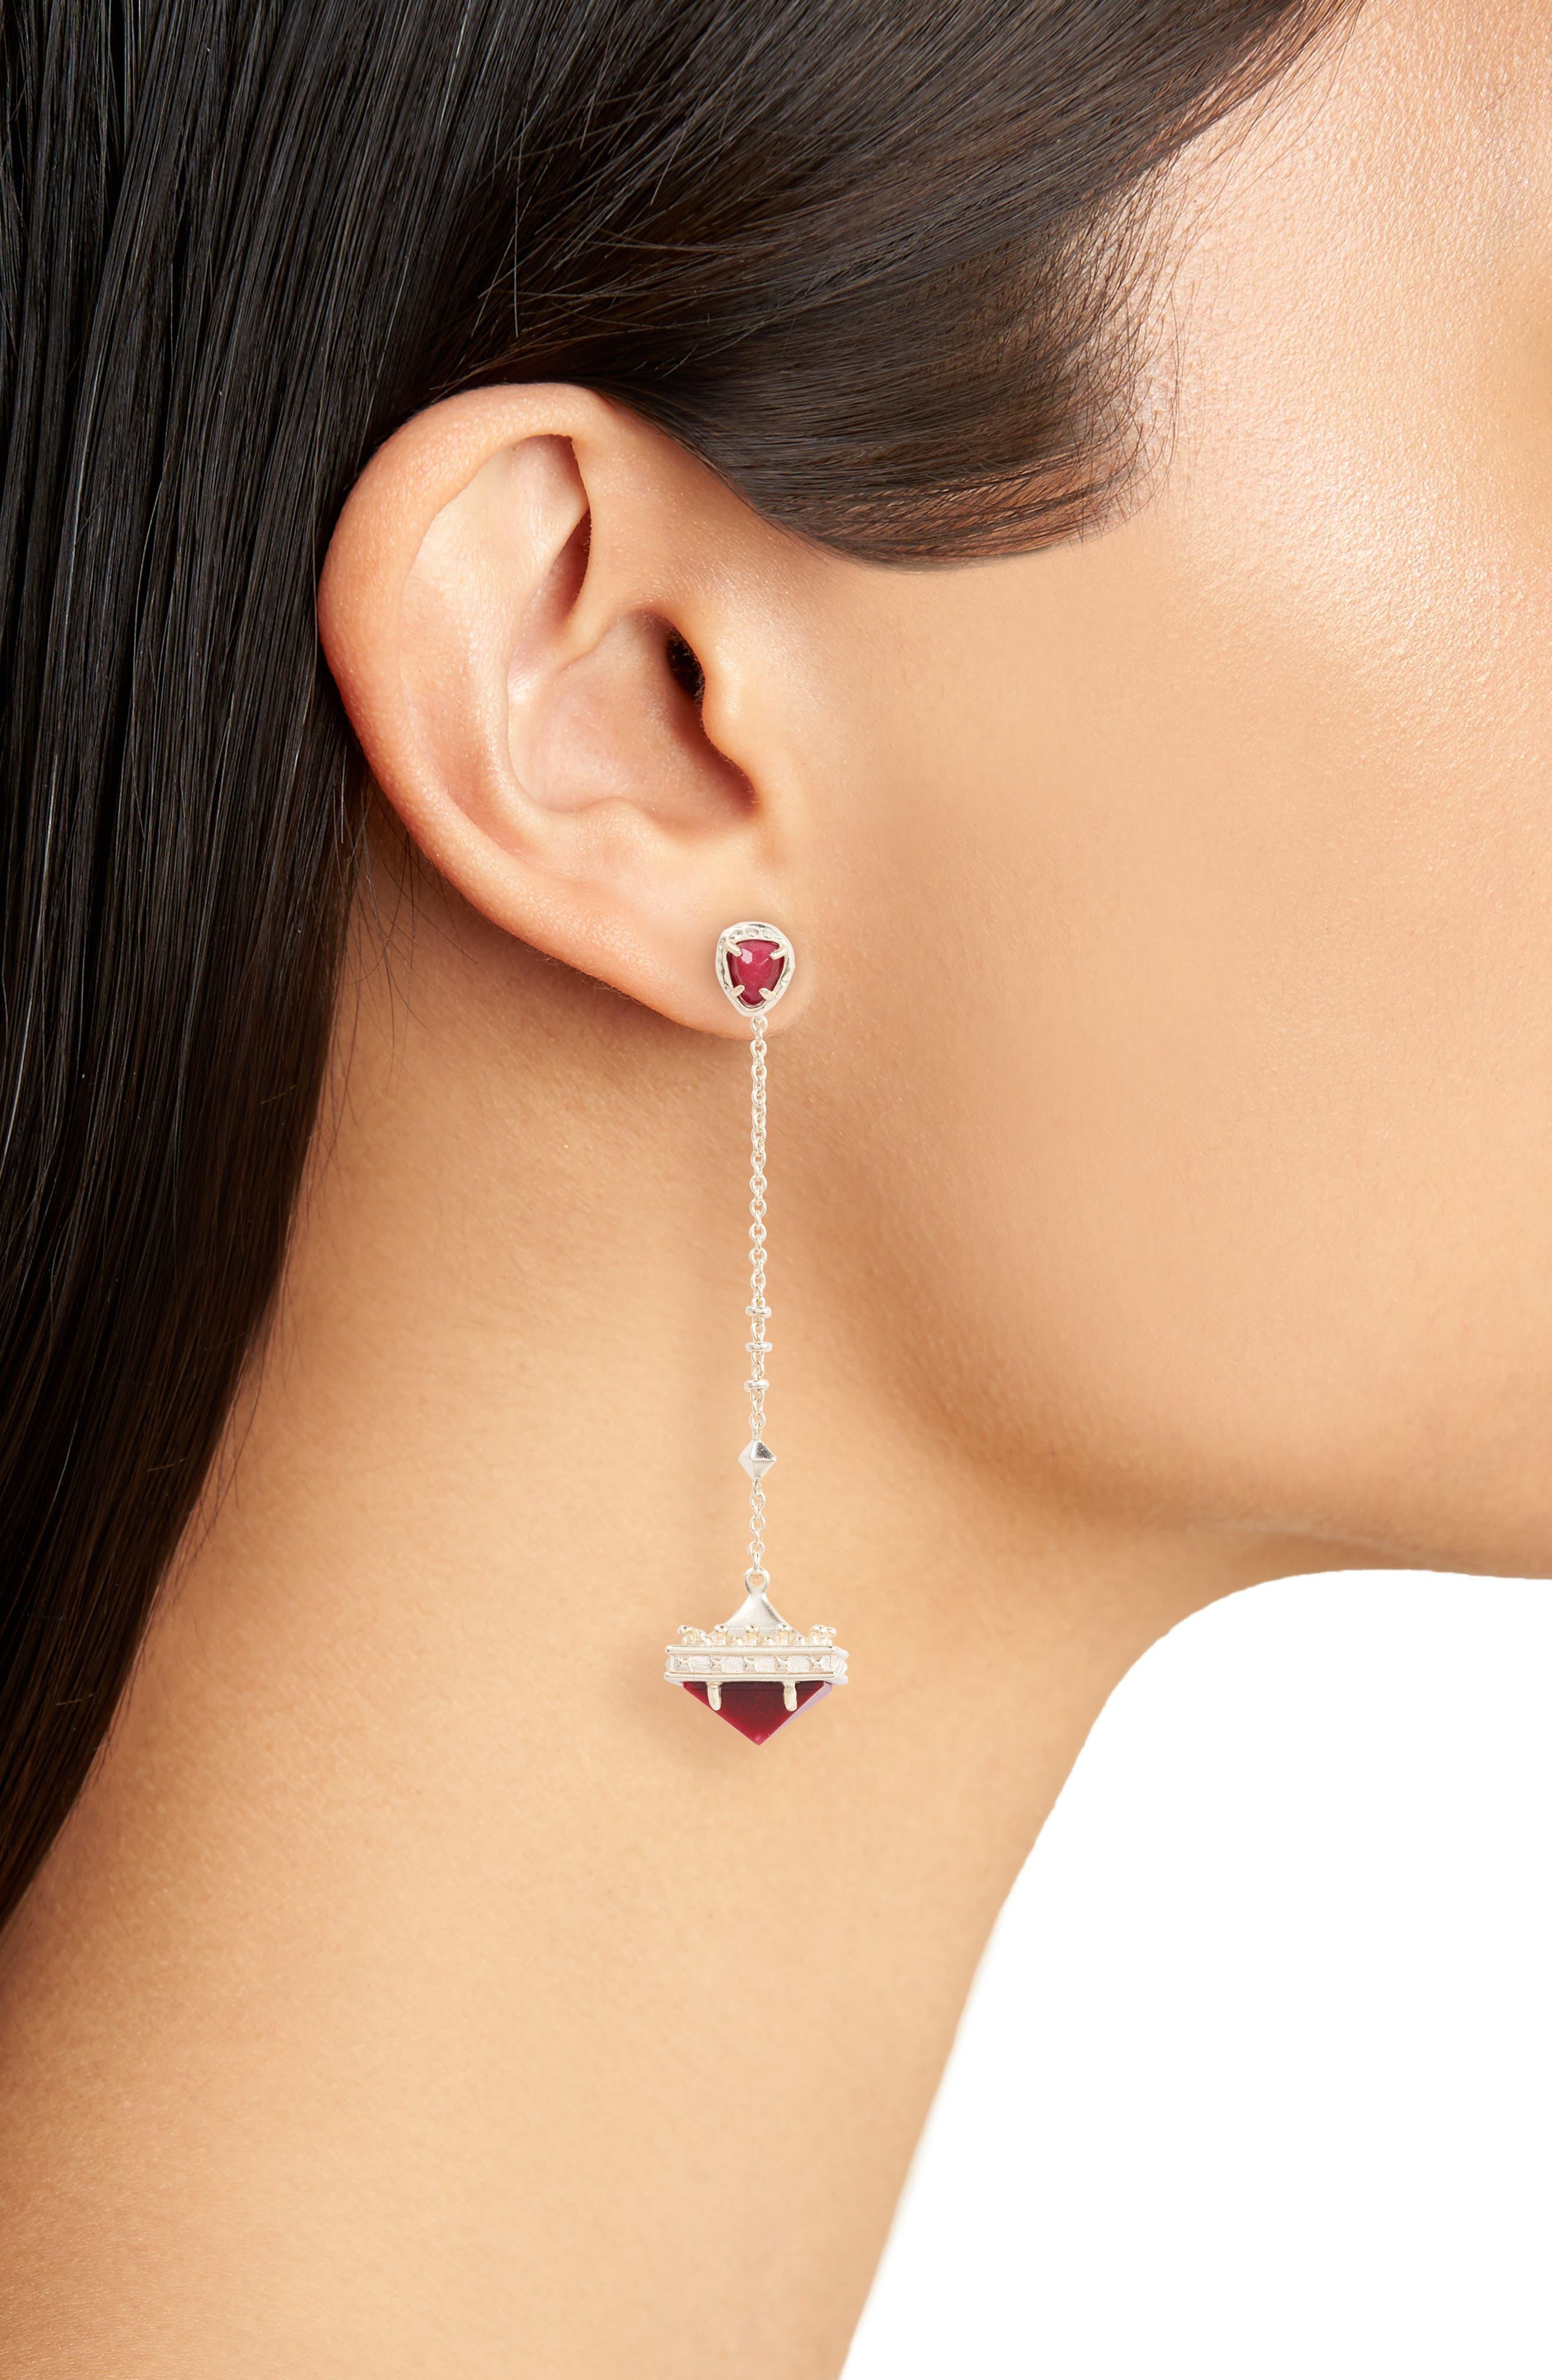 GiGi Linear Earrings,                             Alternate thumbnail 5, color,